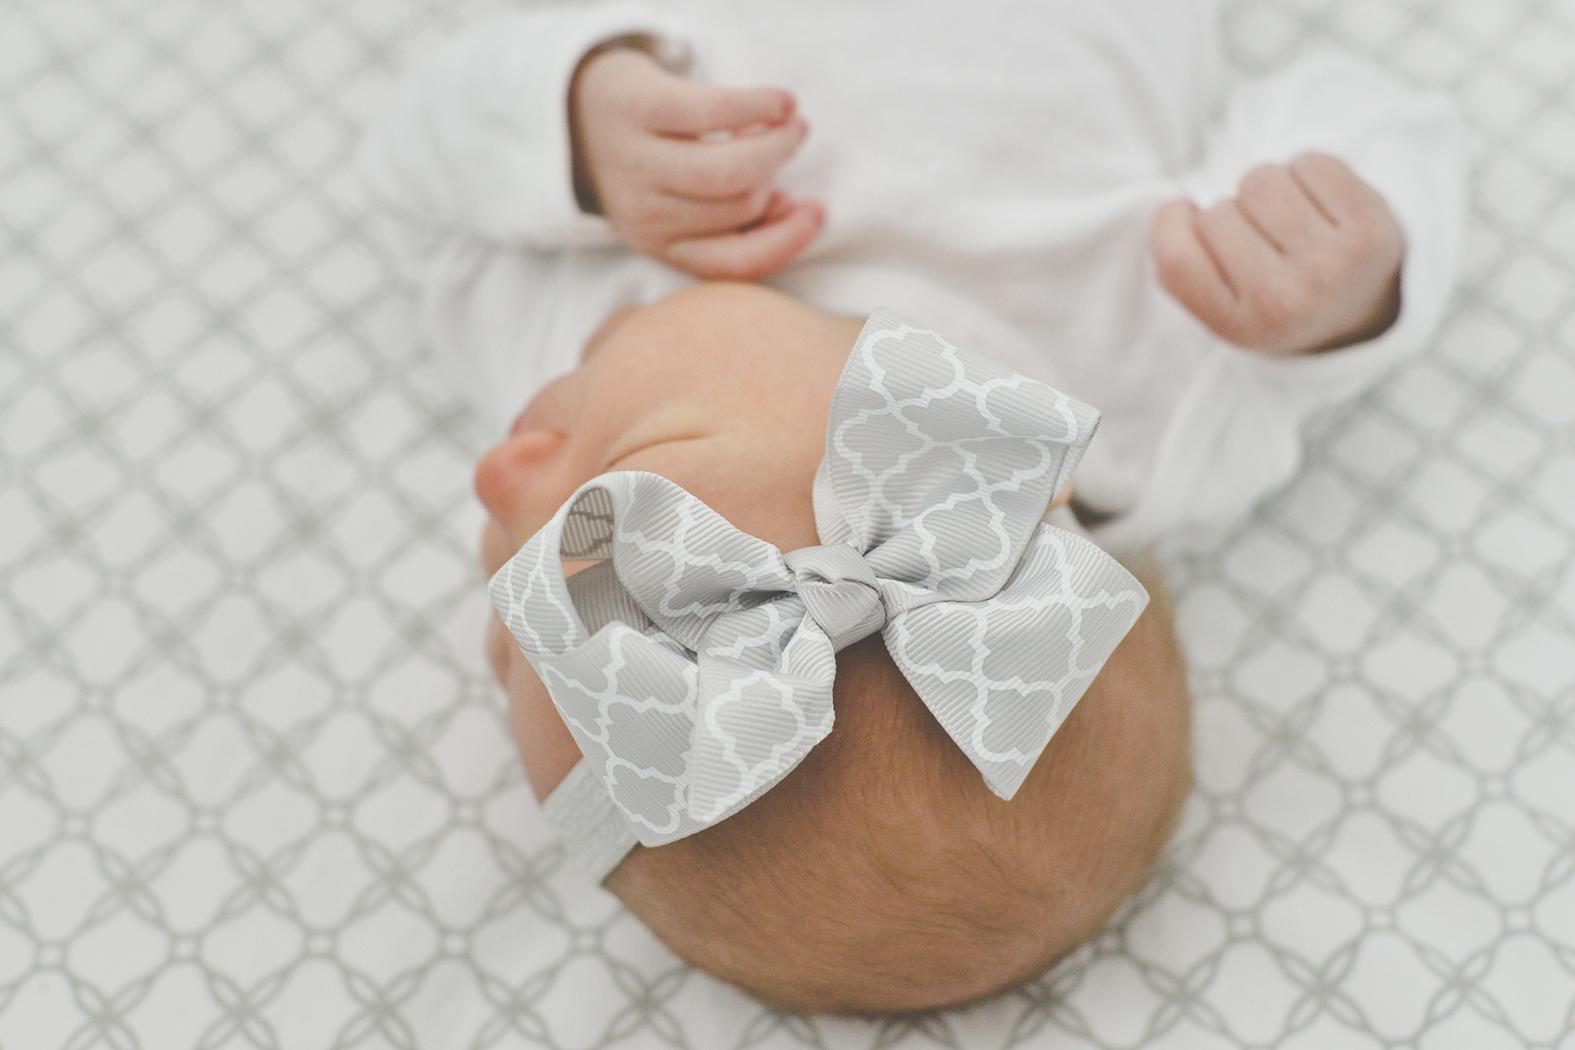 021915_web_newborn_rutt_009.jpg